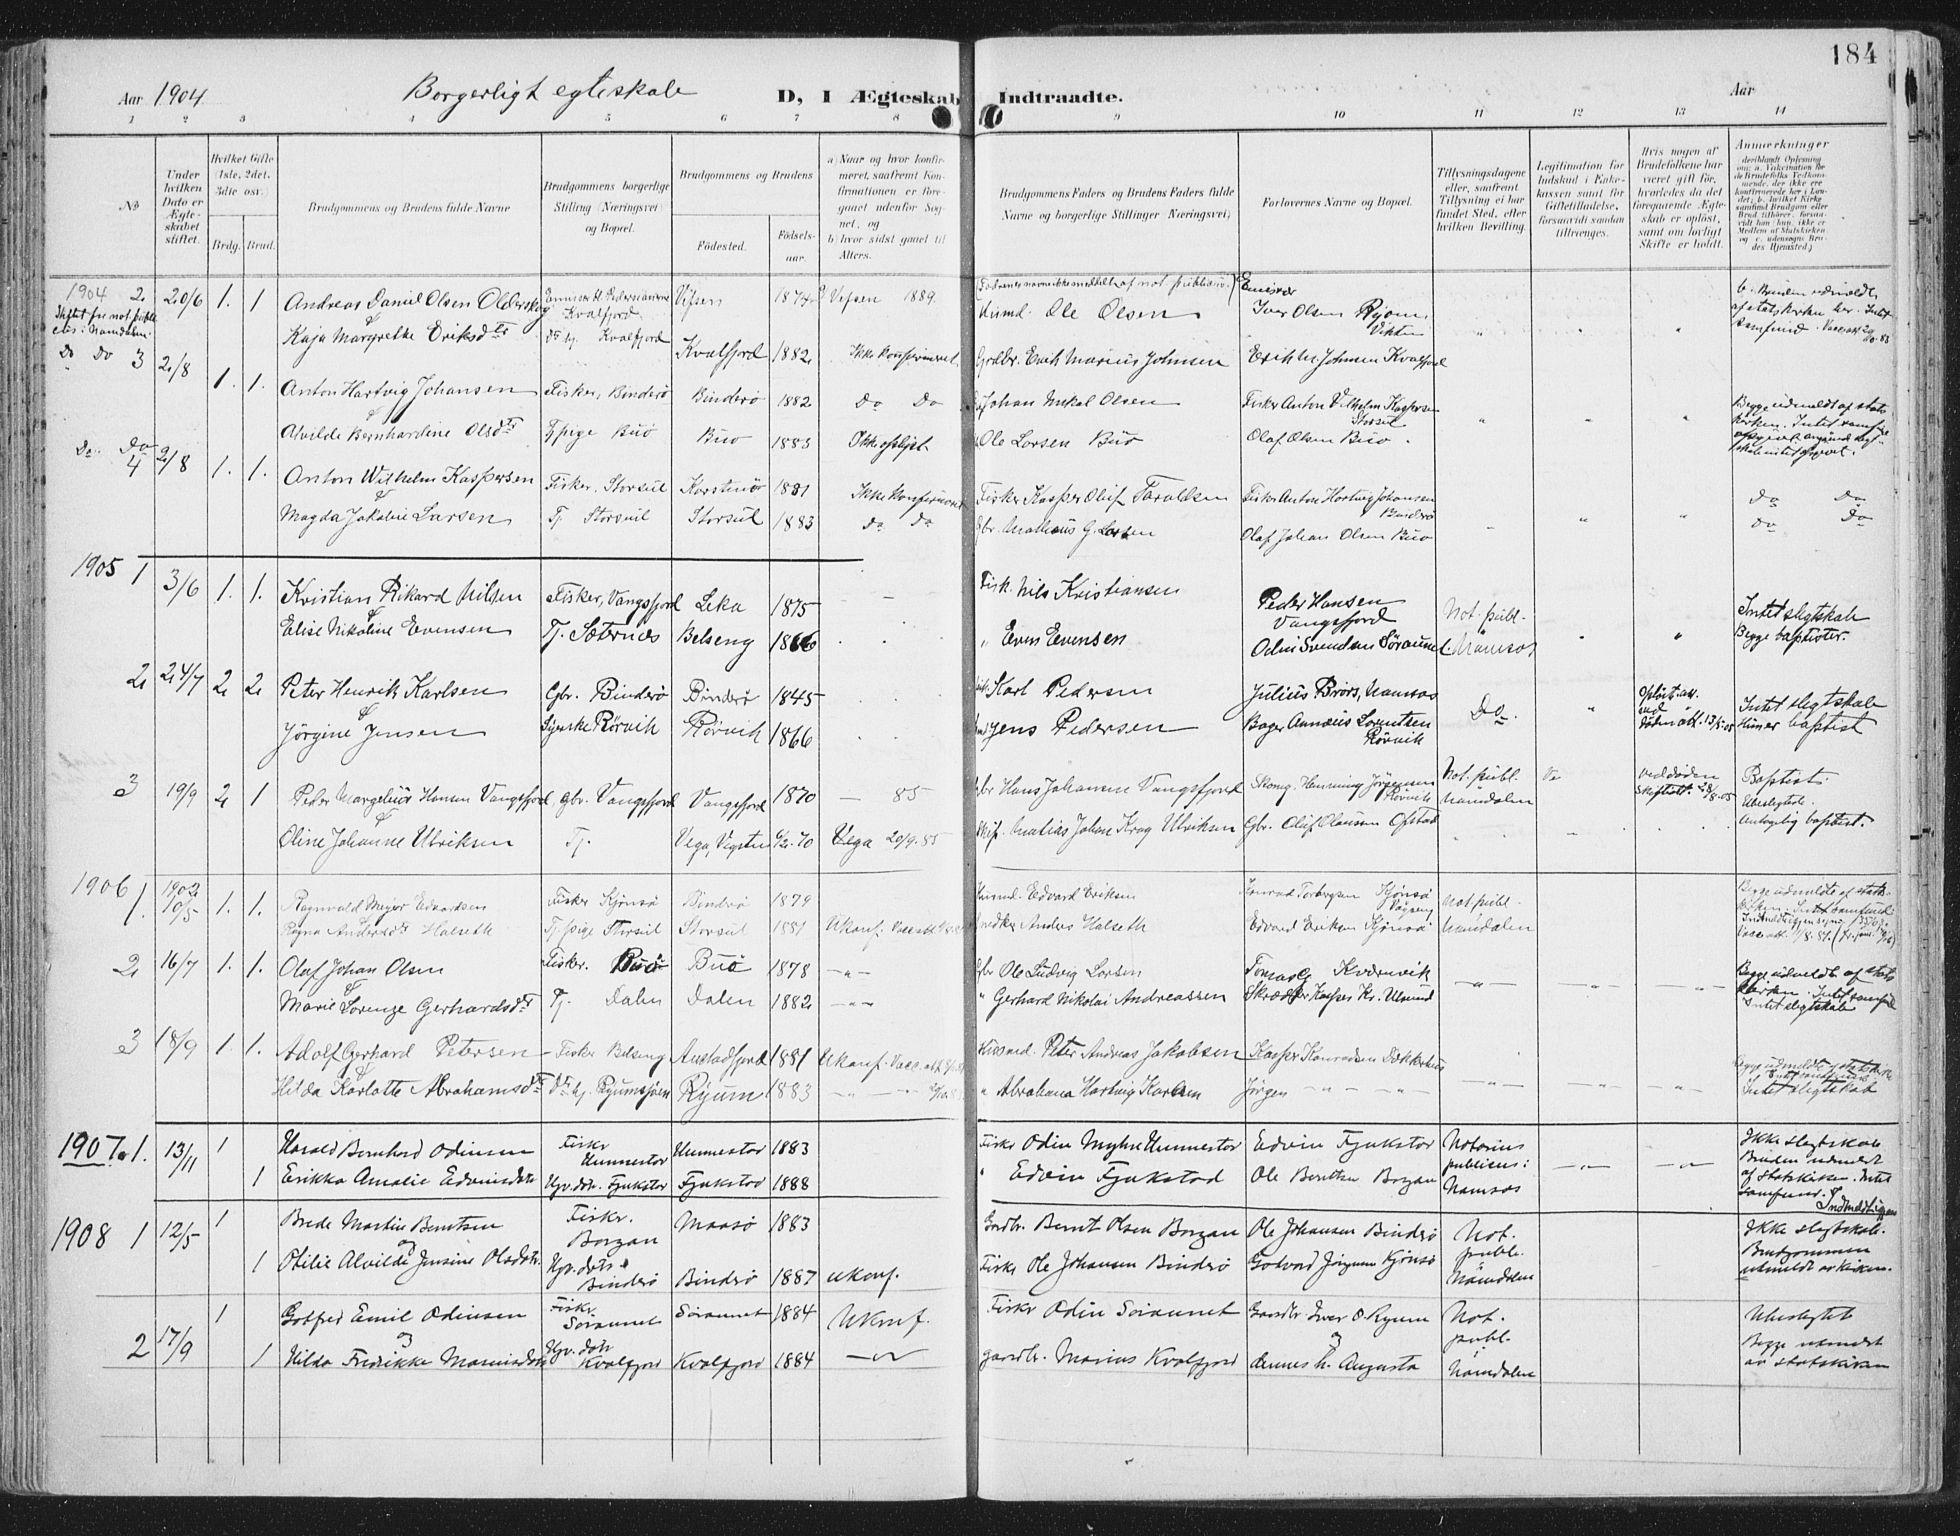 SAT, Ministerialprotokoller, klokkerbøker og fødselsregistre - Nord-Trøndelag, 786/L0688: Ministerialbok nr. 786A04, 1899-1912, s. 184